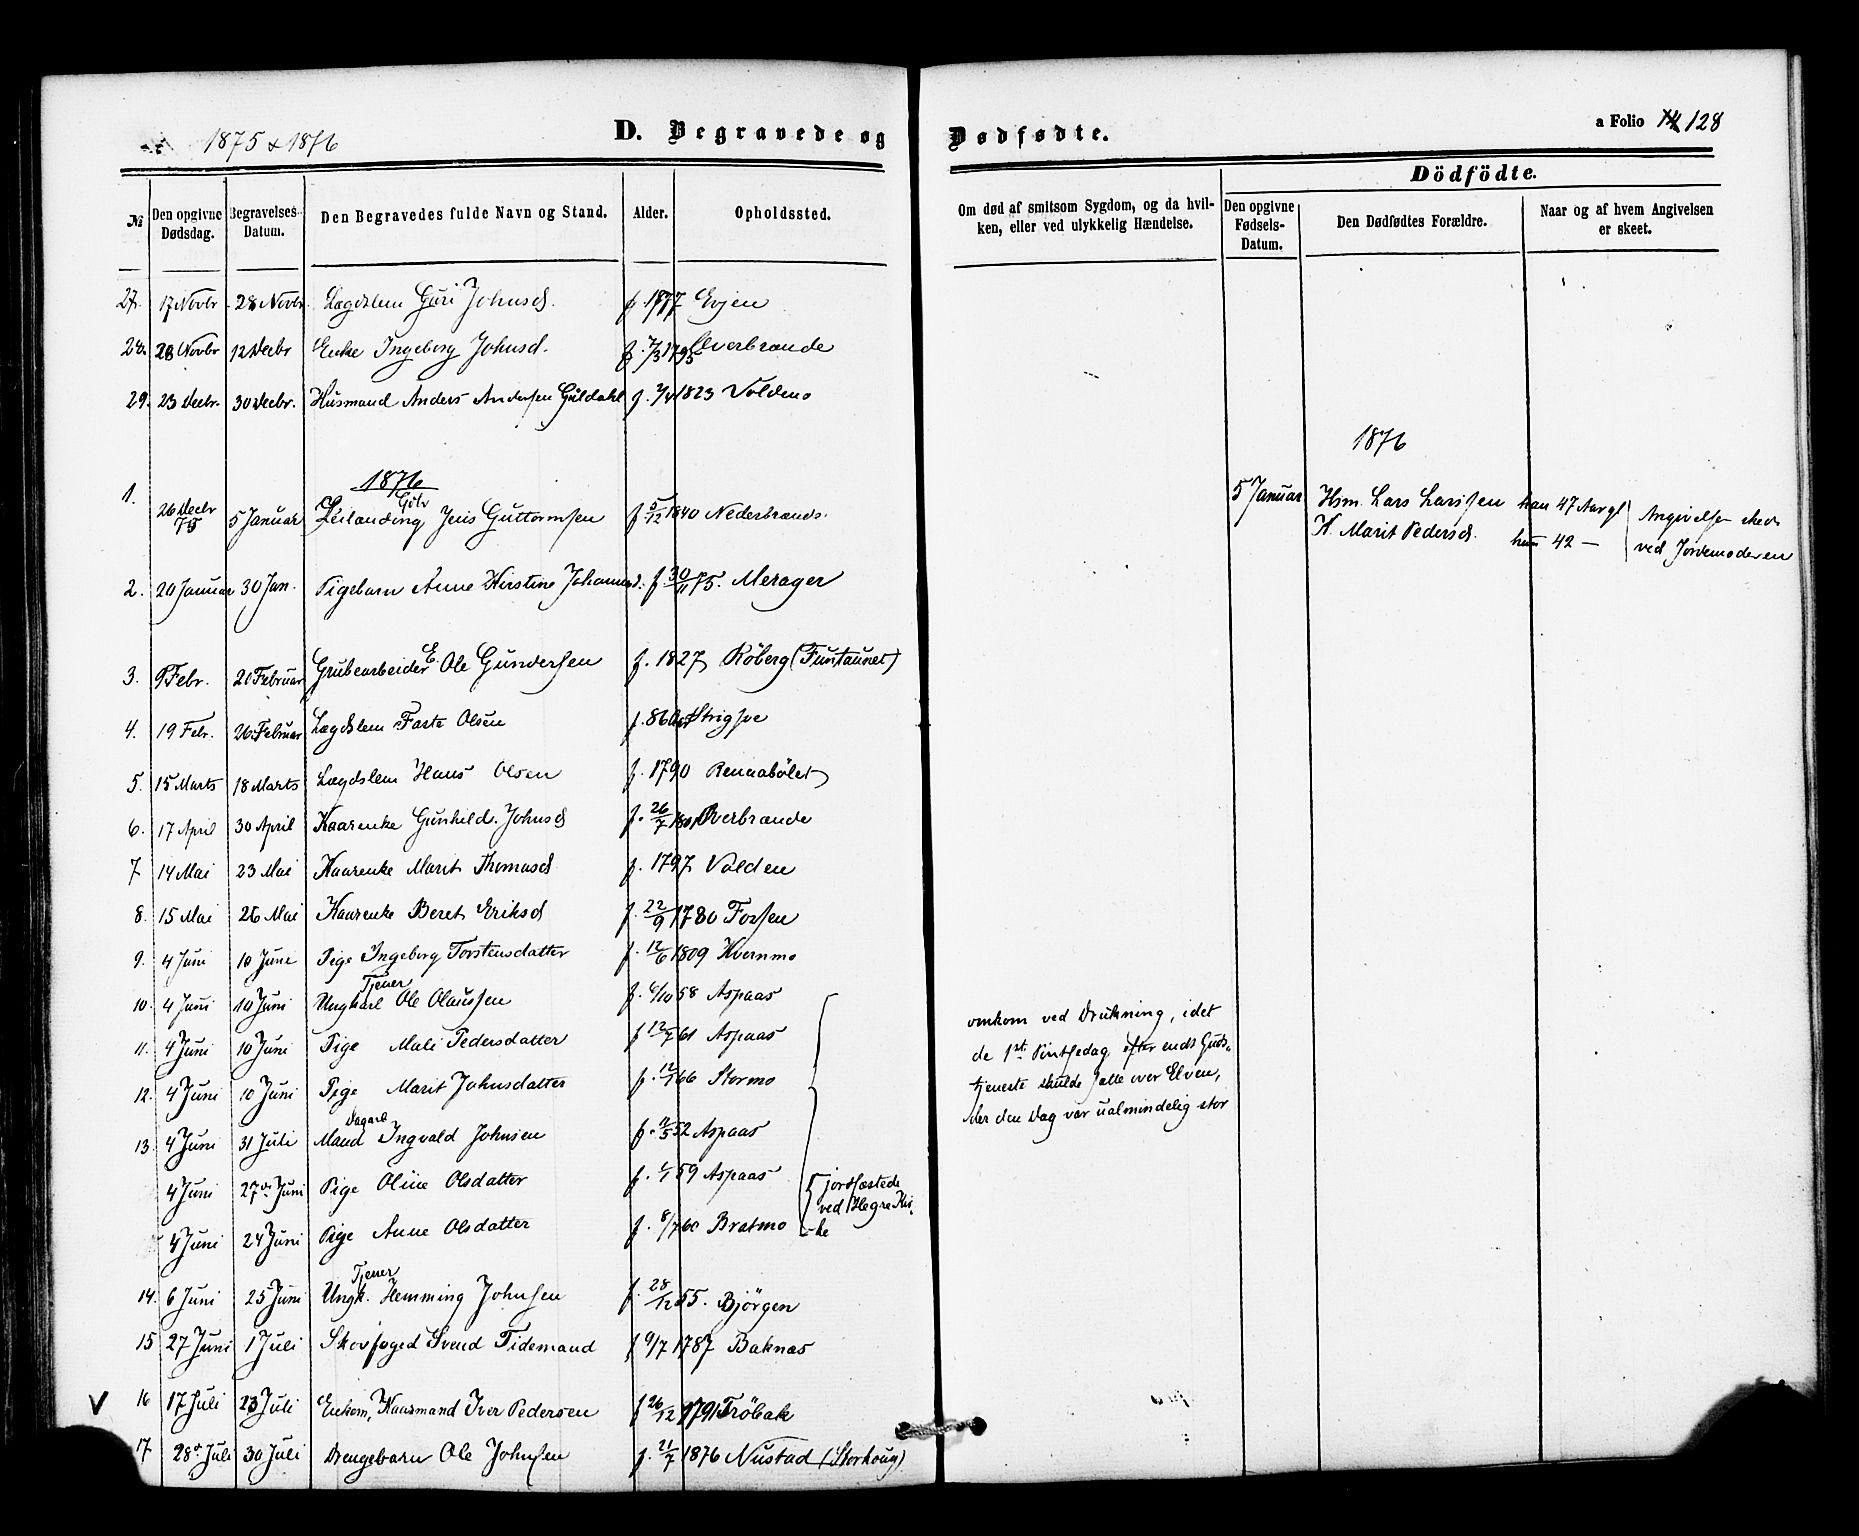 SAT, Ministerialprotokoller, klokkerbøker og fødselsregistre - Nord-Trøndelag, 706/L0041: Ministerialbok nr. 706A02, 1862-1877, s. 128